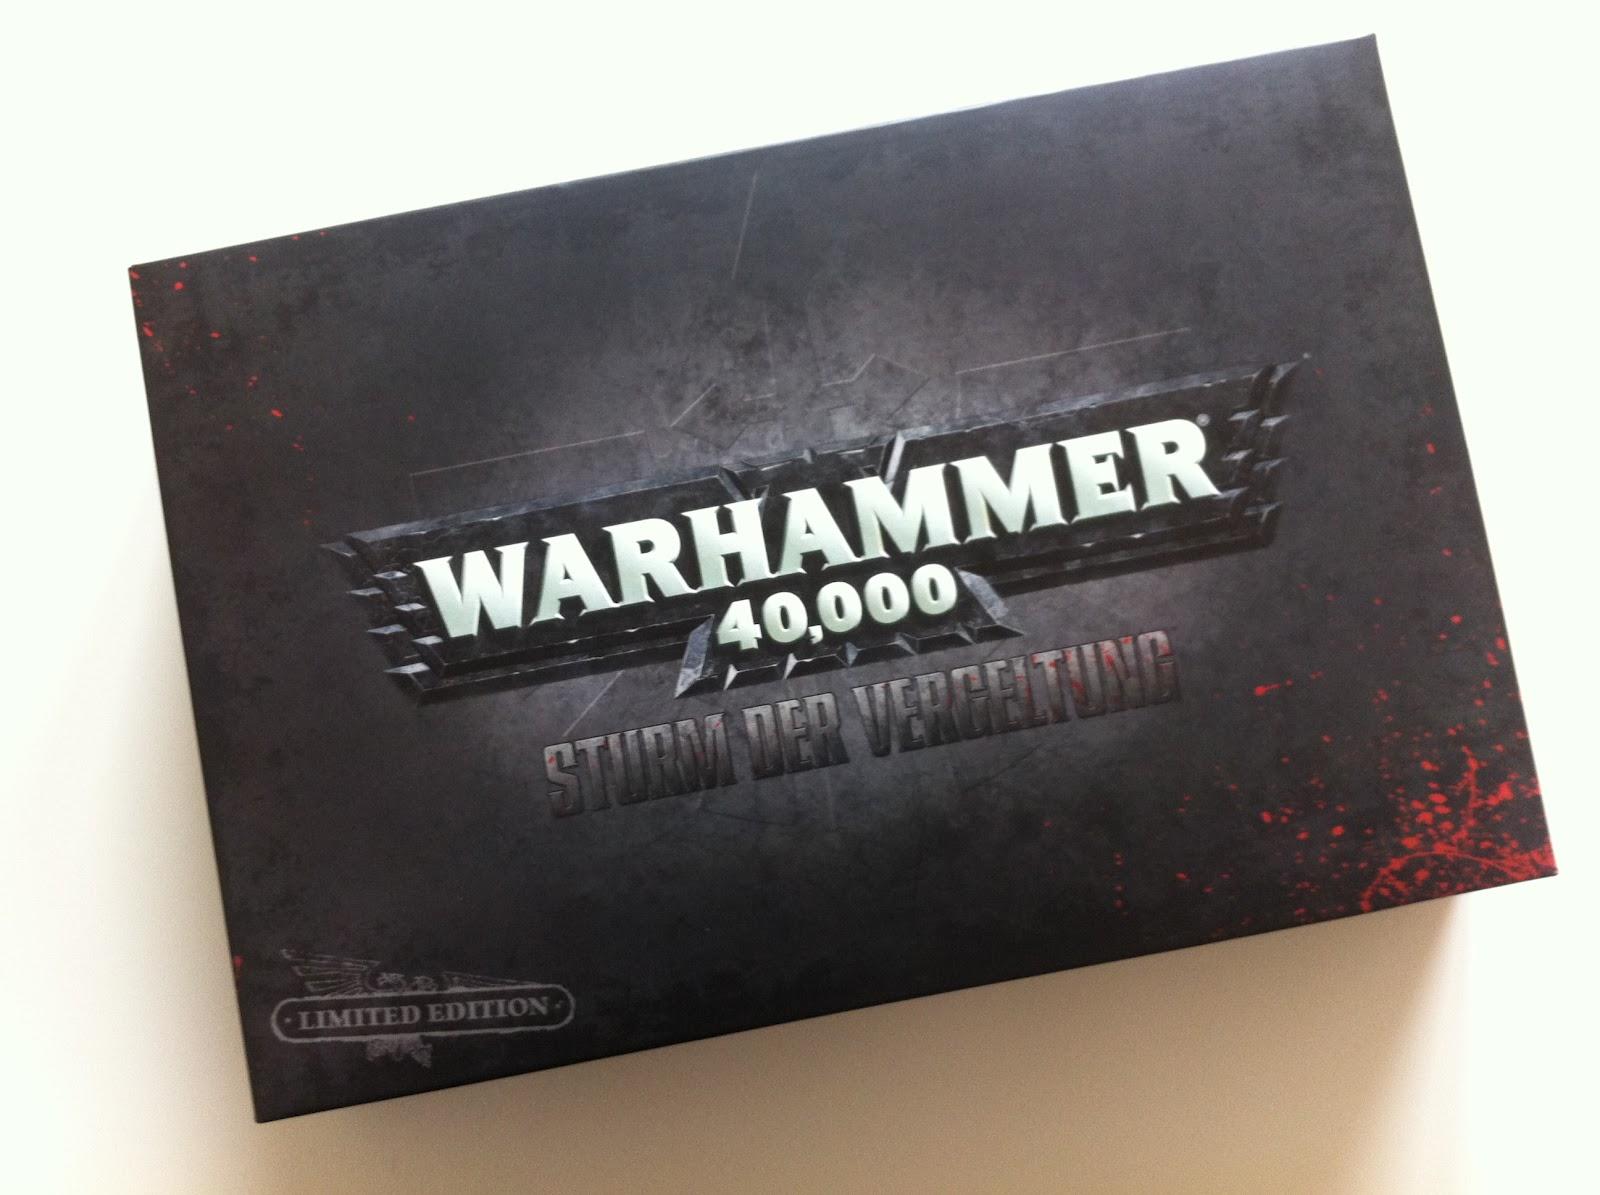 Warhammer 40k regelbuch